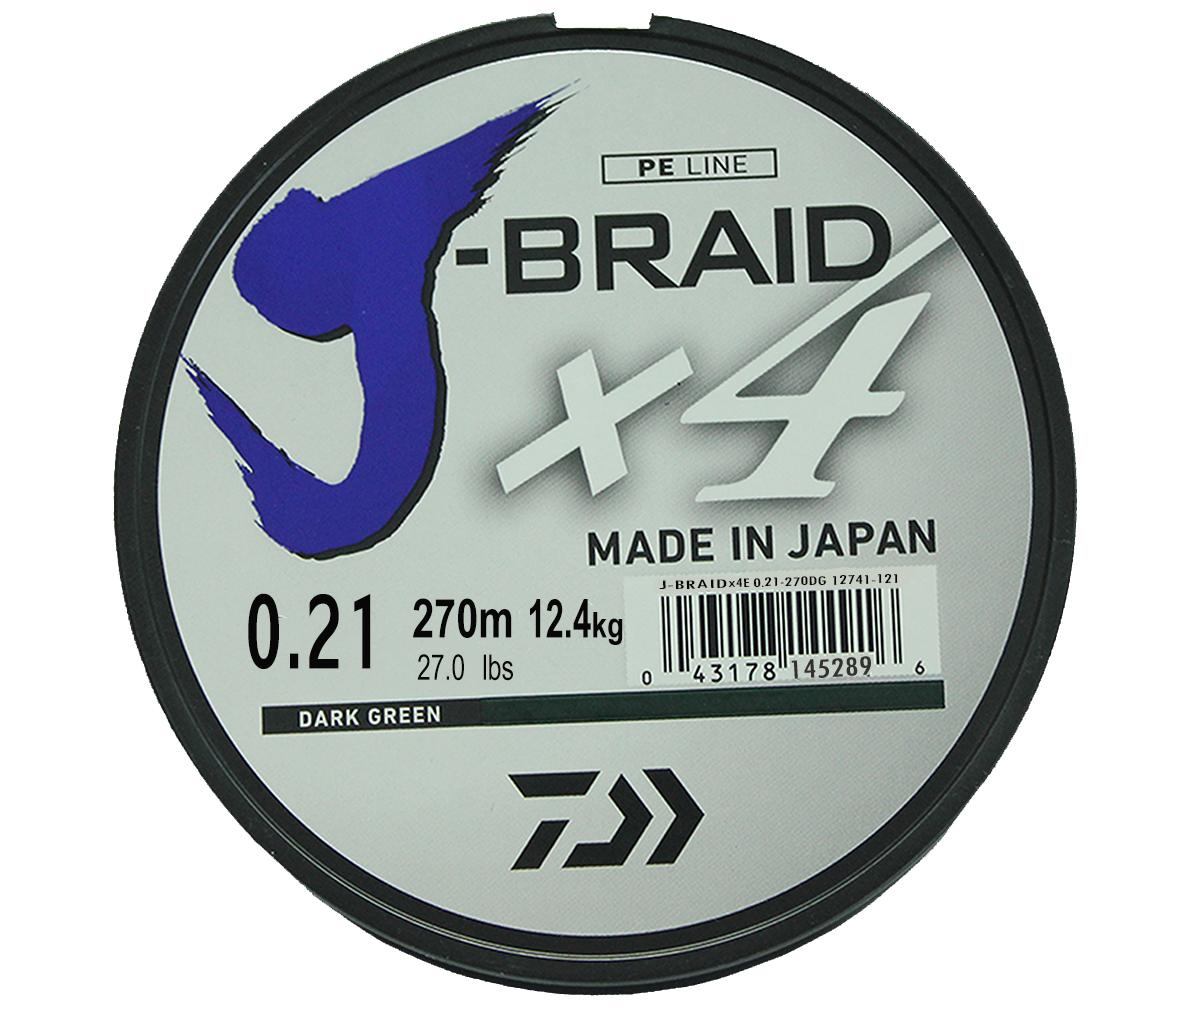 Шнур плетеный Daiwa J-Braid X4, цвет: зеленый, 270 м, 0,21 мм61174Новый 4х жильный шнур J-Braid, DAIWA - шнур высокого класса с удивительным соотношением цены и качества. Качество плетения полностью соответствует японским стандартам и удовлетворяет всем требованиям. Представленные диаметры позволяют использовать шнур для всех техник ловли, начиная от ultra- light ловли окуня, до морской ловли палтуса, трески и т.д